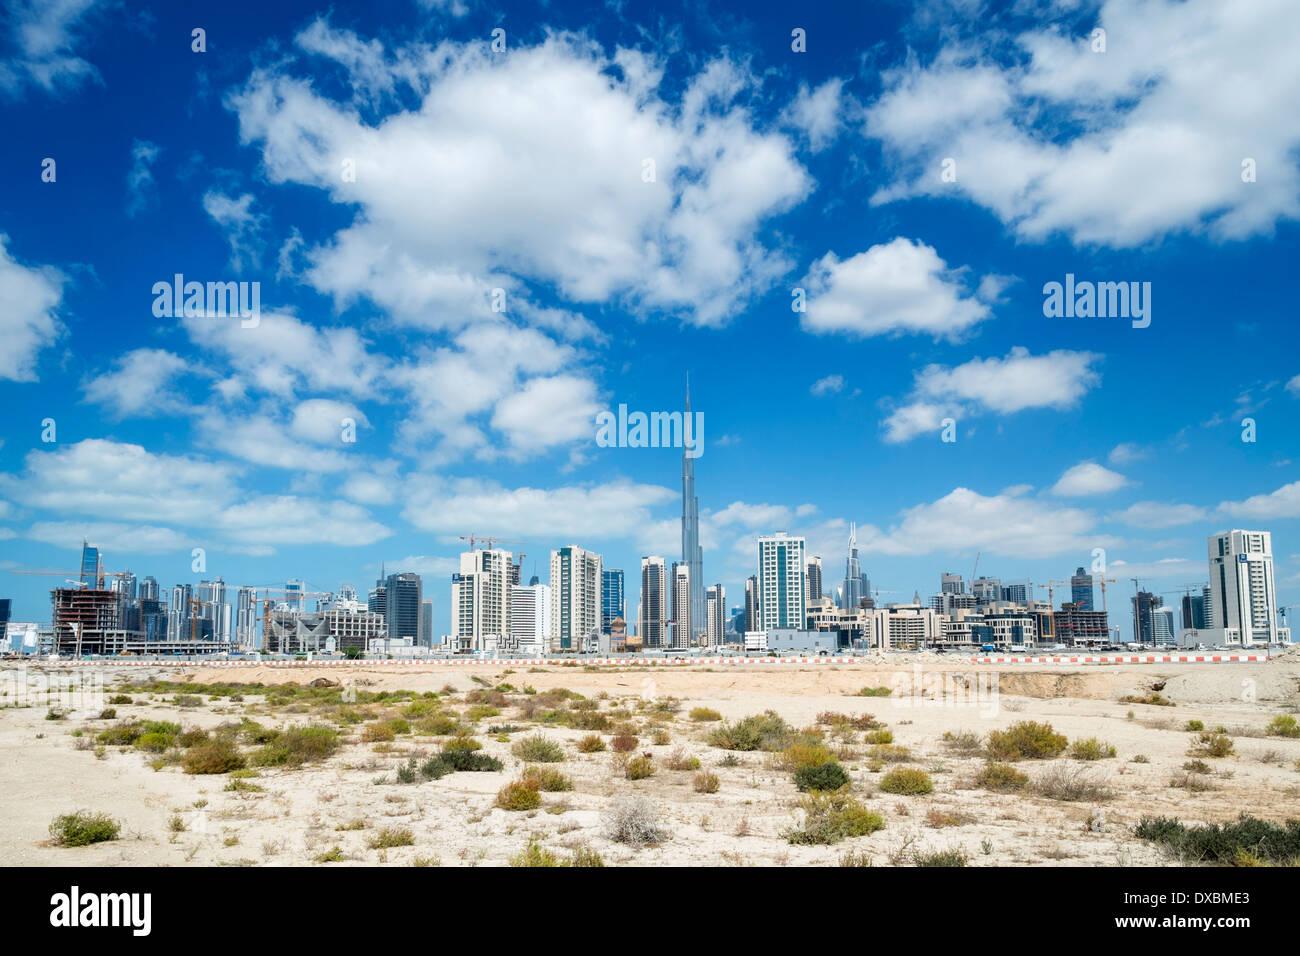 Skyline di Dubai dal deserto in Emirati Arabi Uniti Immagini Stock